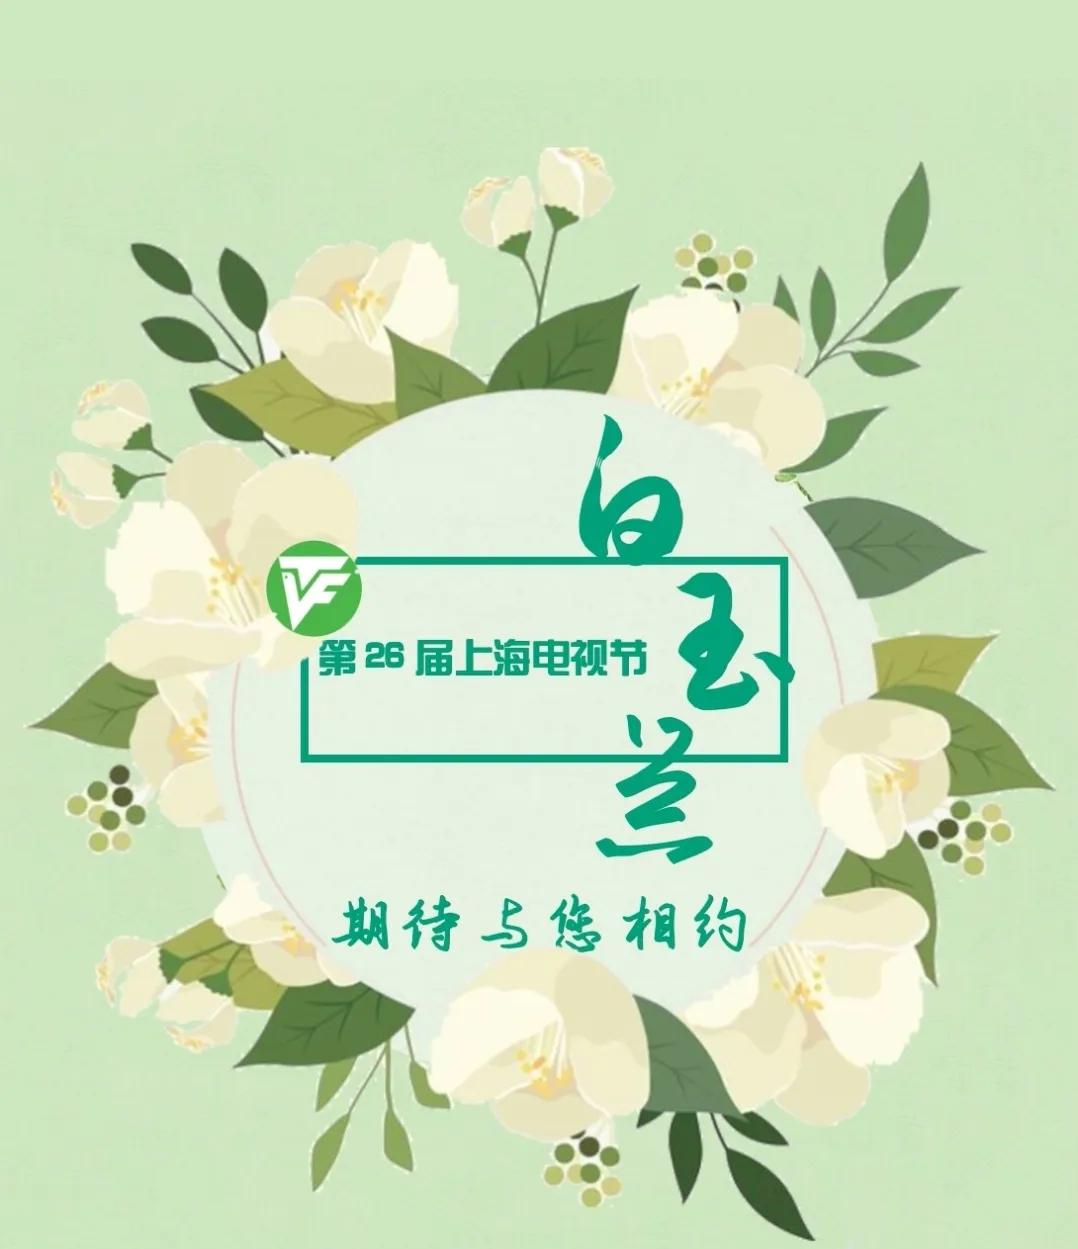 第26届上海电视节白玉兰奖颁奖典礼1